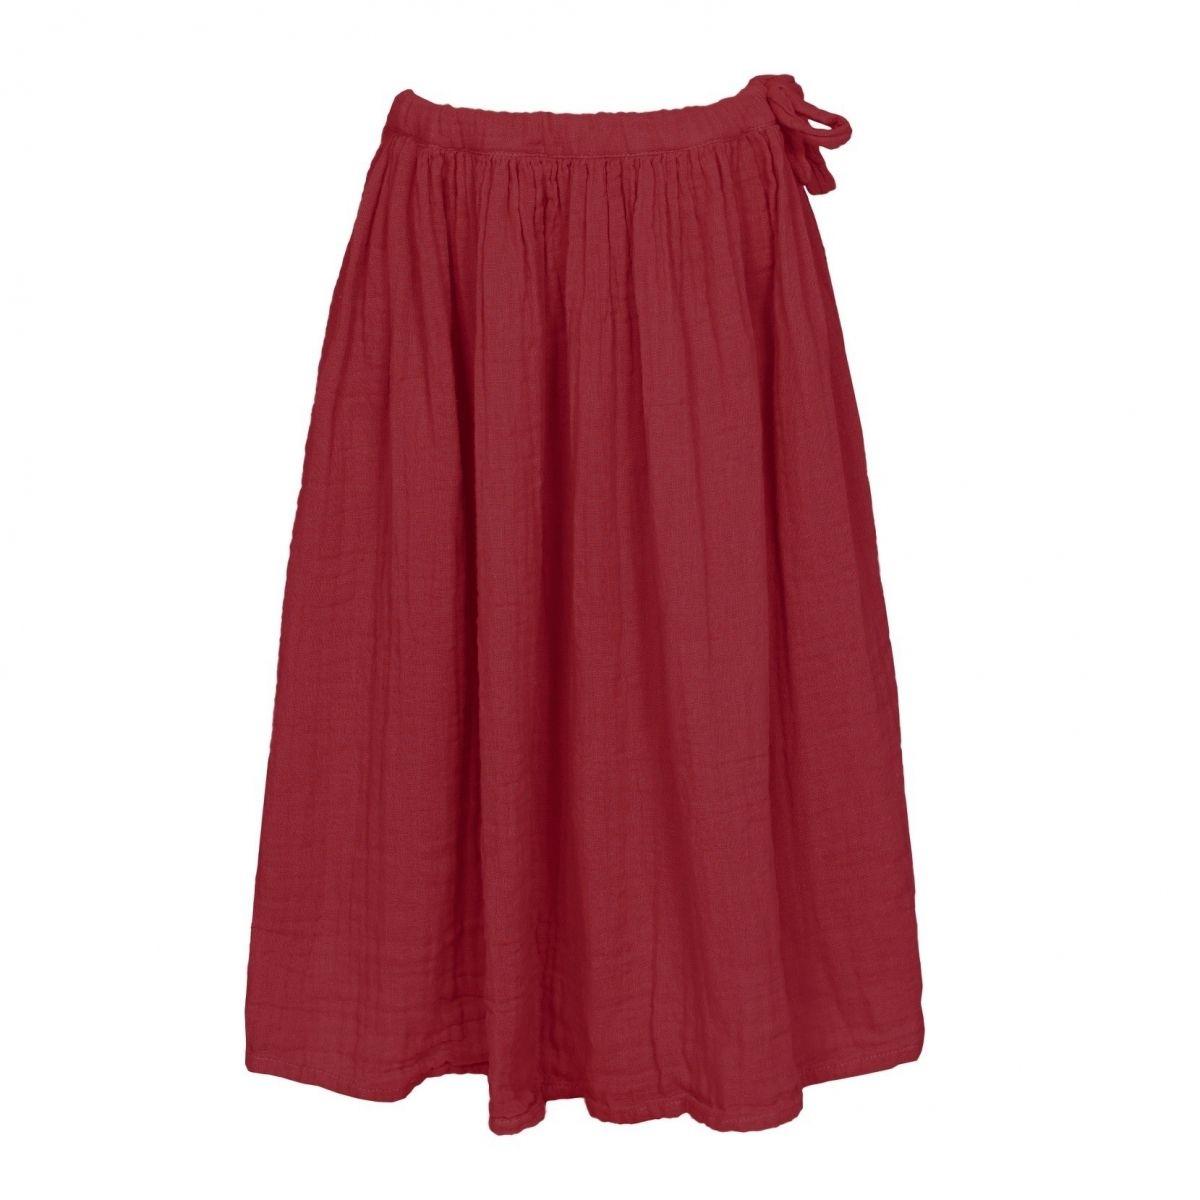 Skirt for girls Ava long ruby red - Numero 74